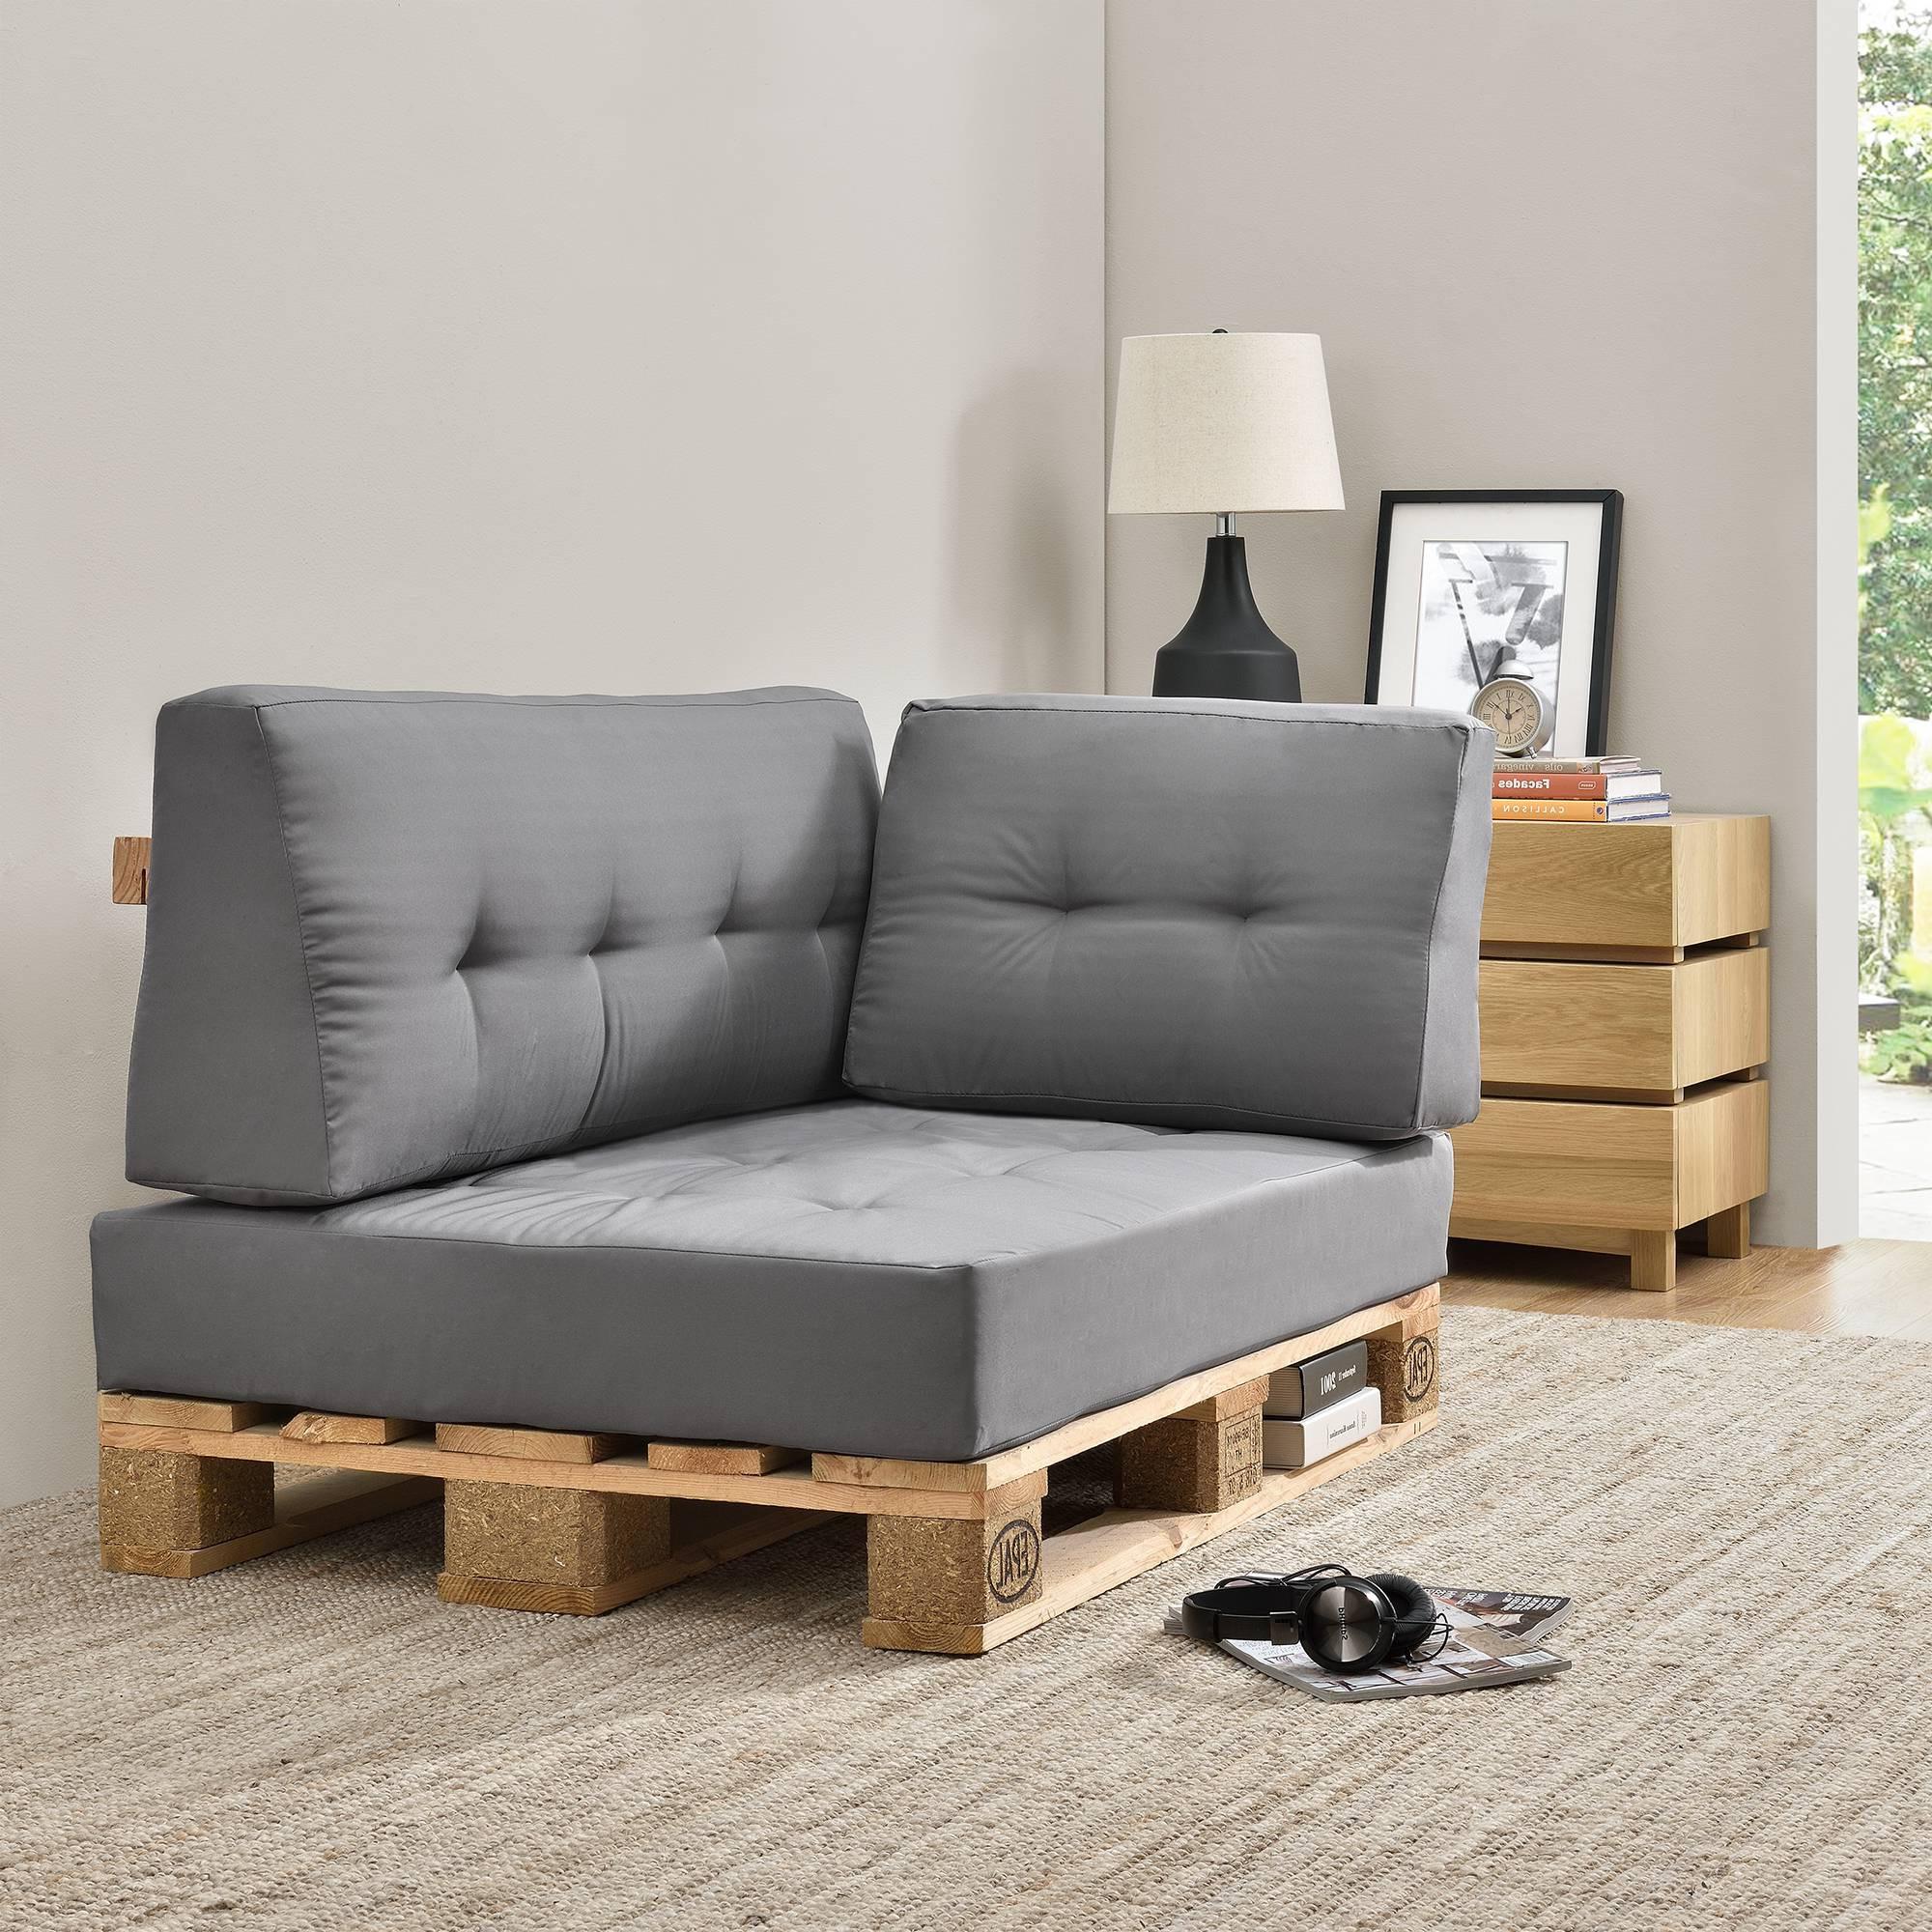 Como Limpiar Un sofa De Piel Blanco Mndw O Limpiar Cuero Elegante El Perfecto Cuadro O Limpiar sofa De